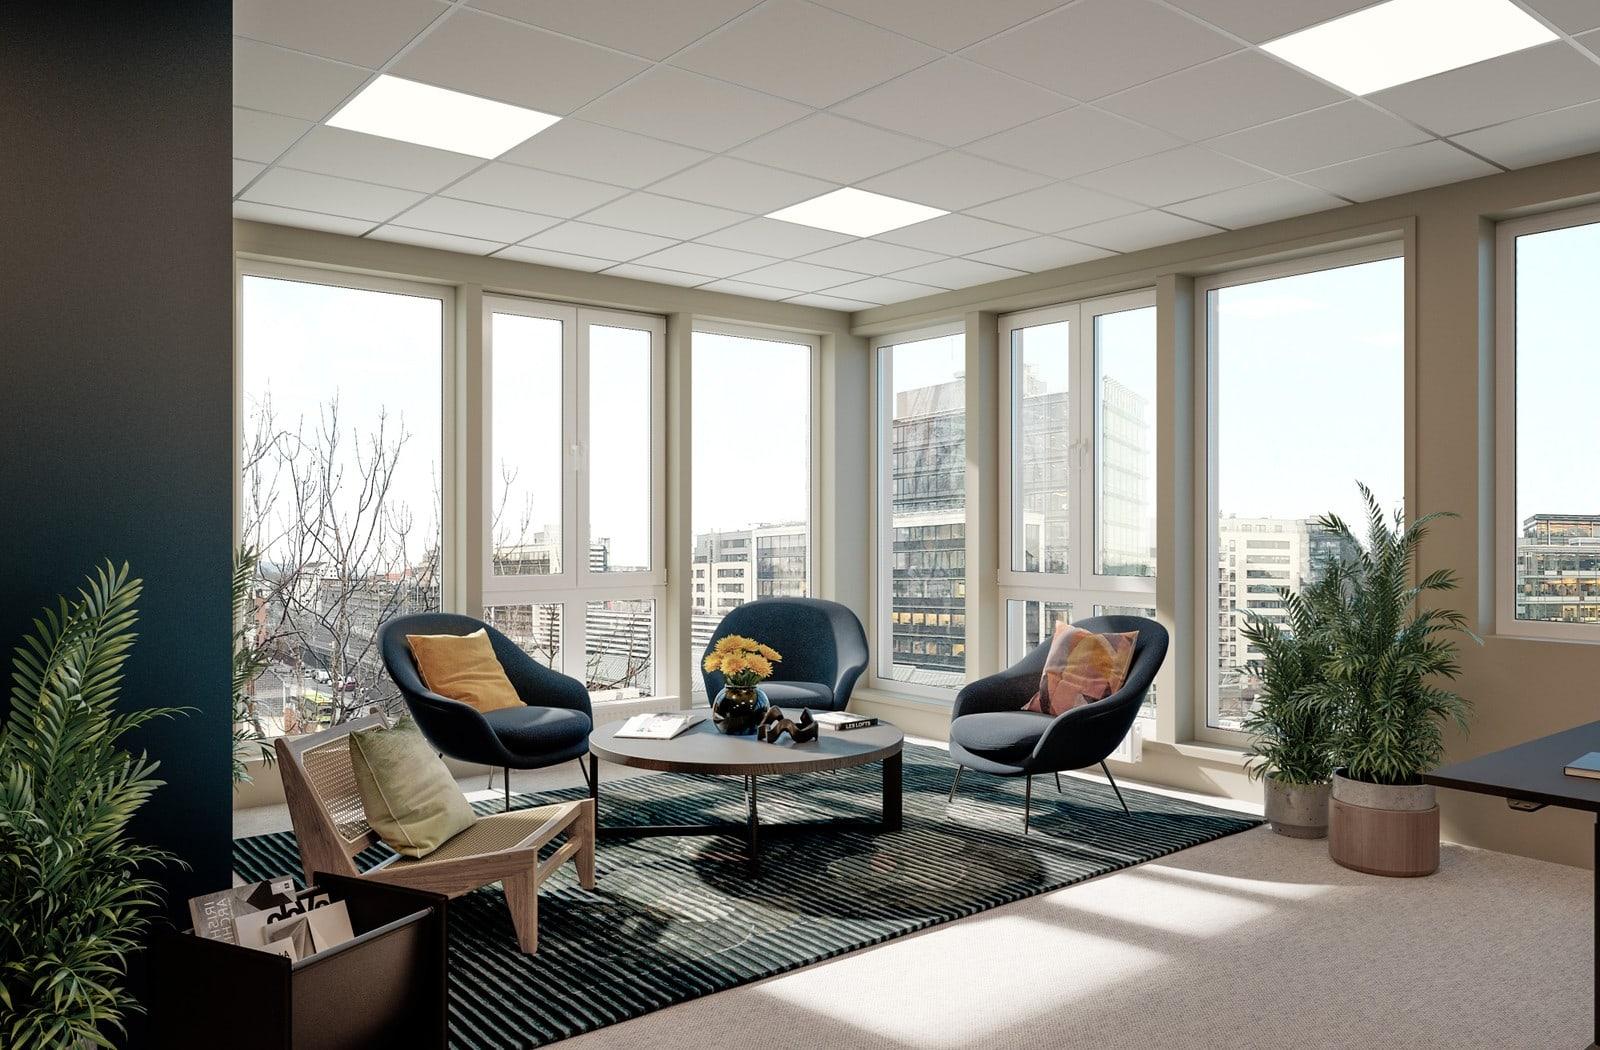 Interiøret tar nytte av byggets gode lysforhold og flotte utsikt